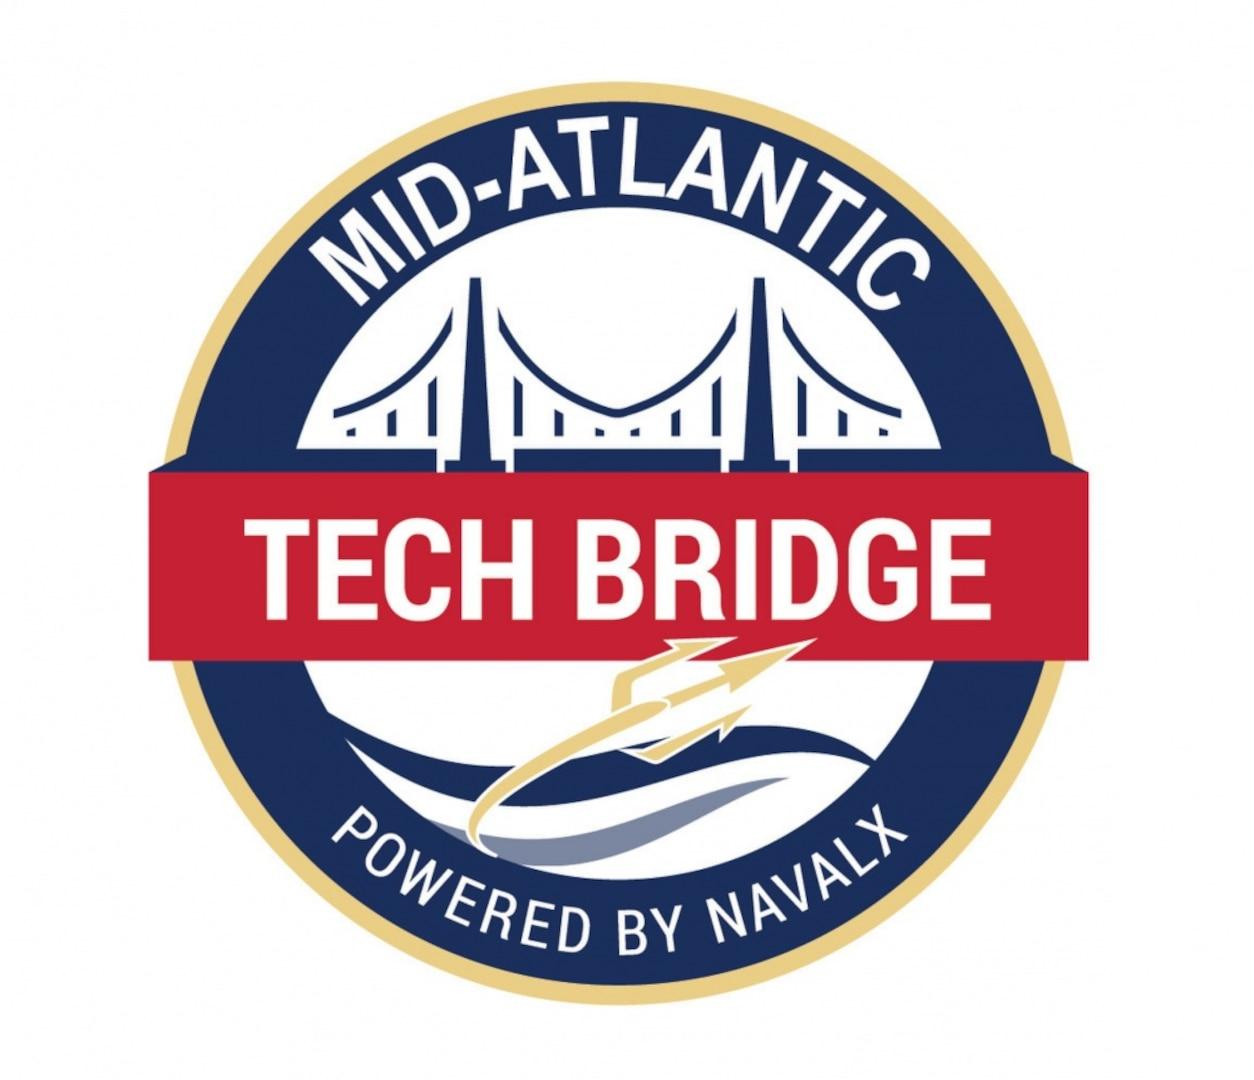 NavalX Mid-Atlantic Tech Bridge.